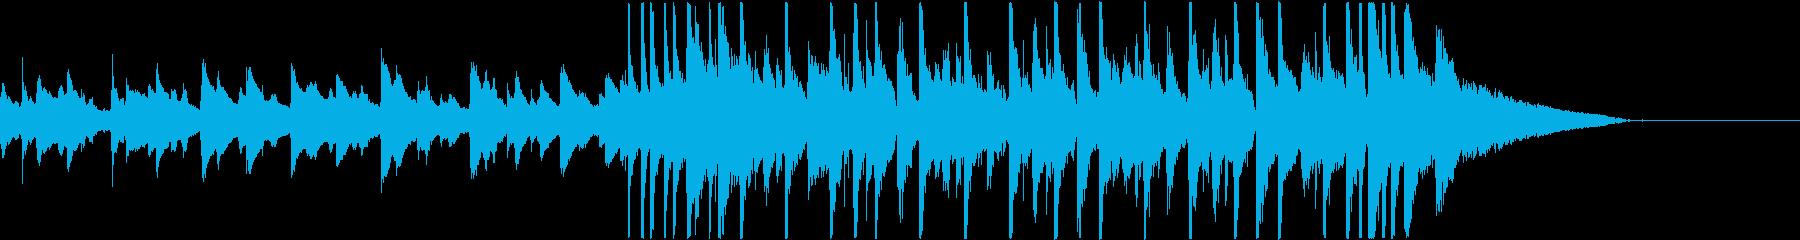 ウクレレを使用した日常的で可愛い曲です。の再生済みの波形